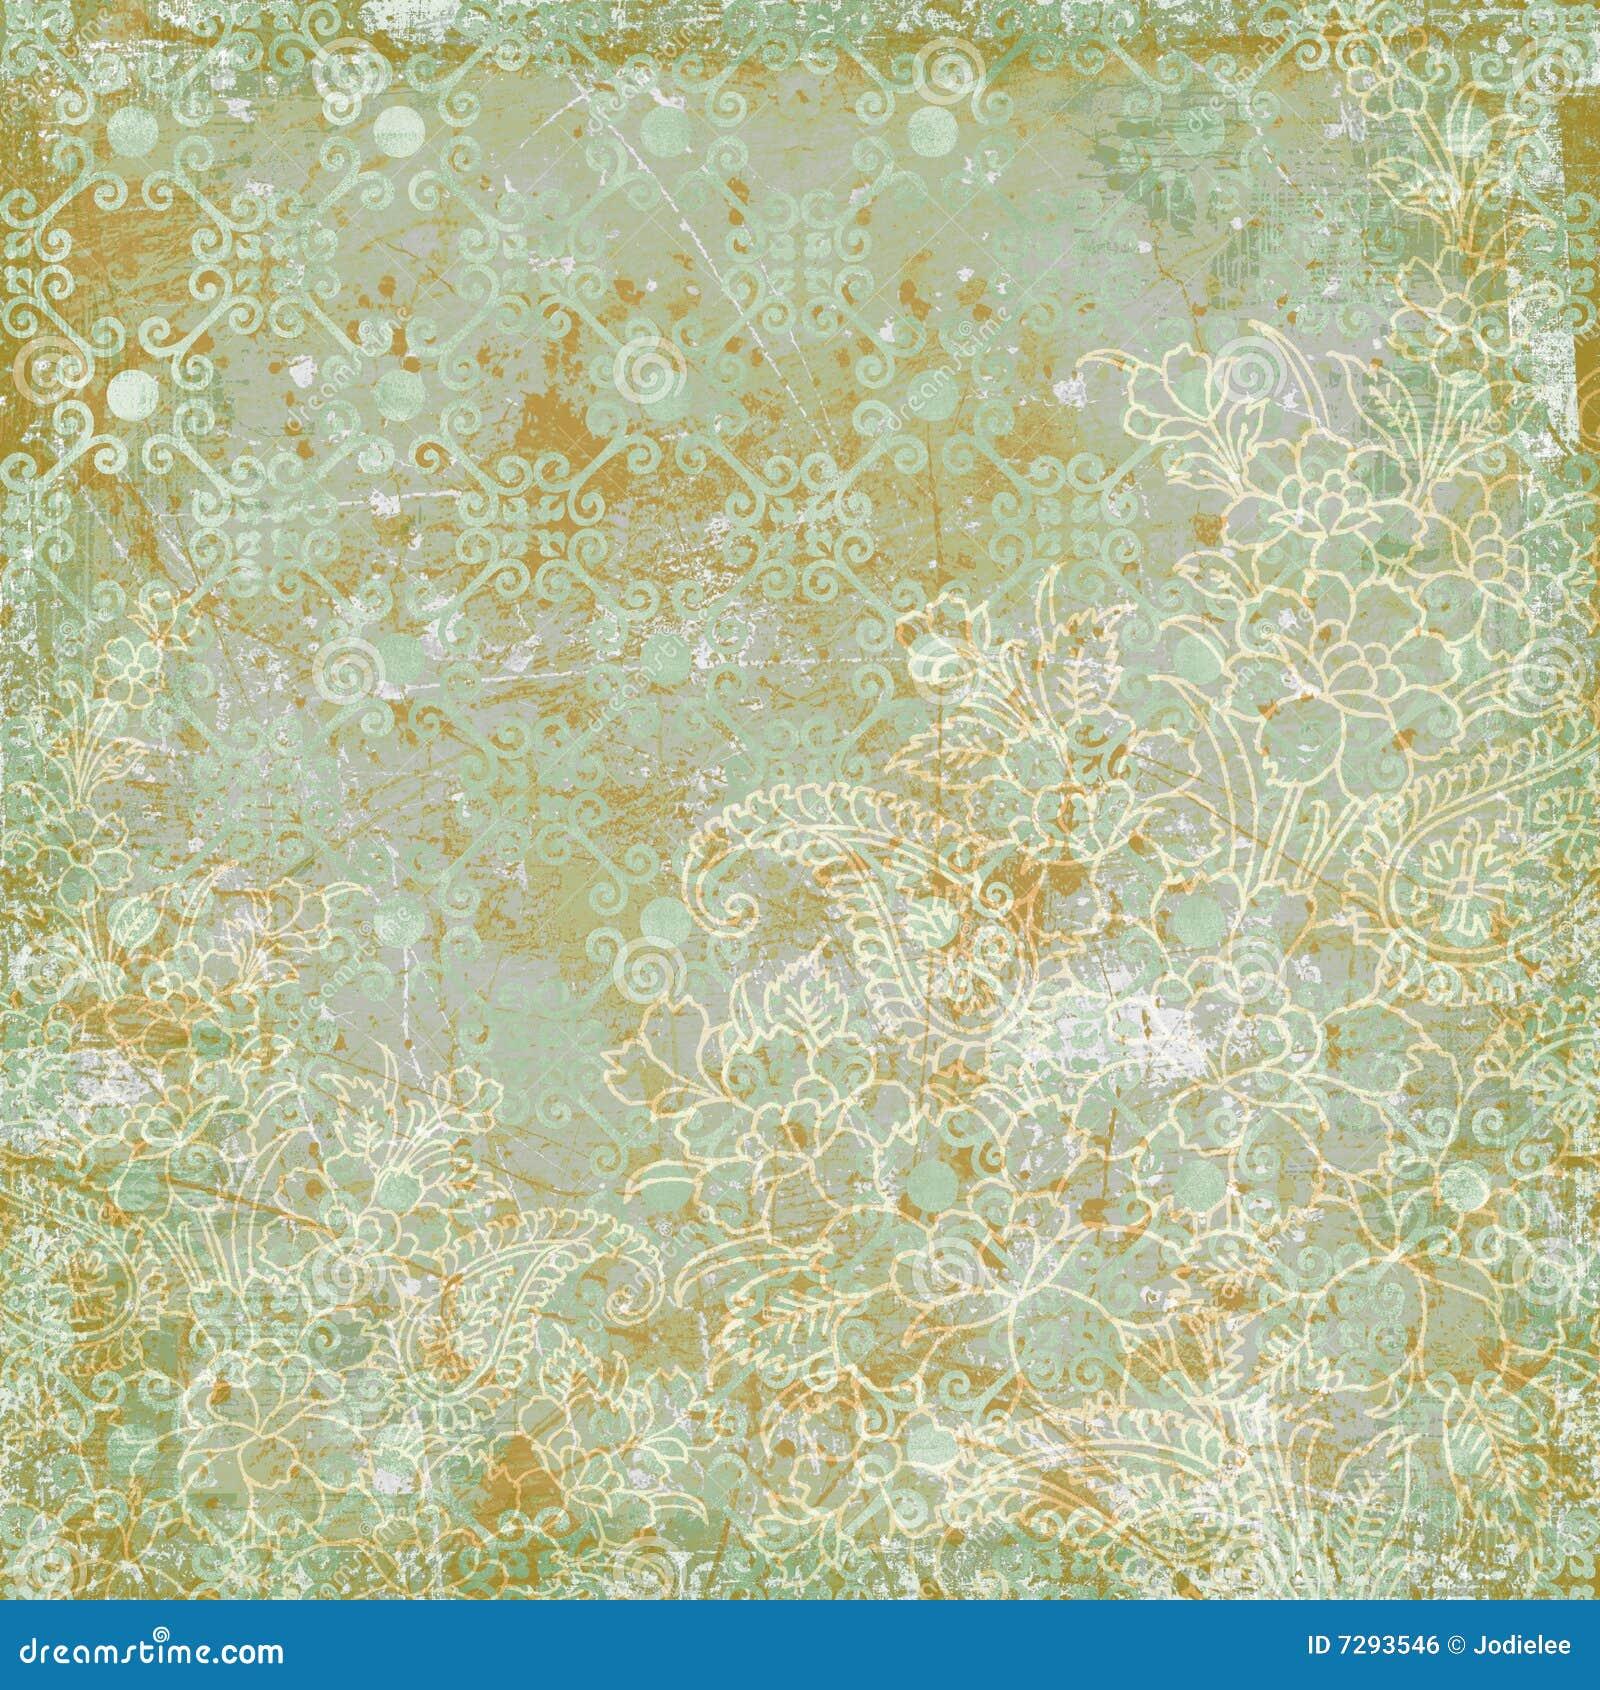 Vintage floral antique background theme